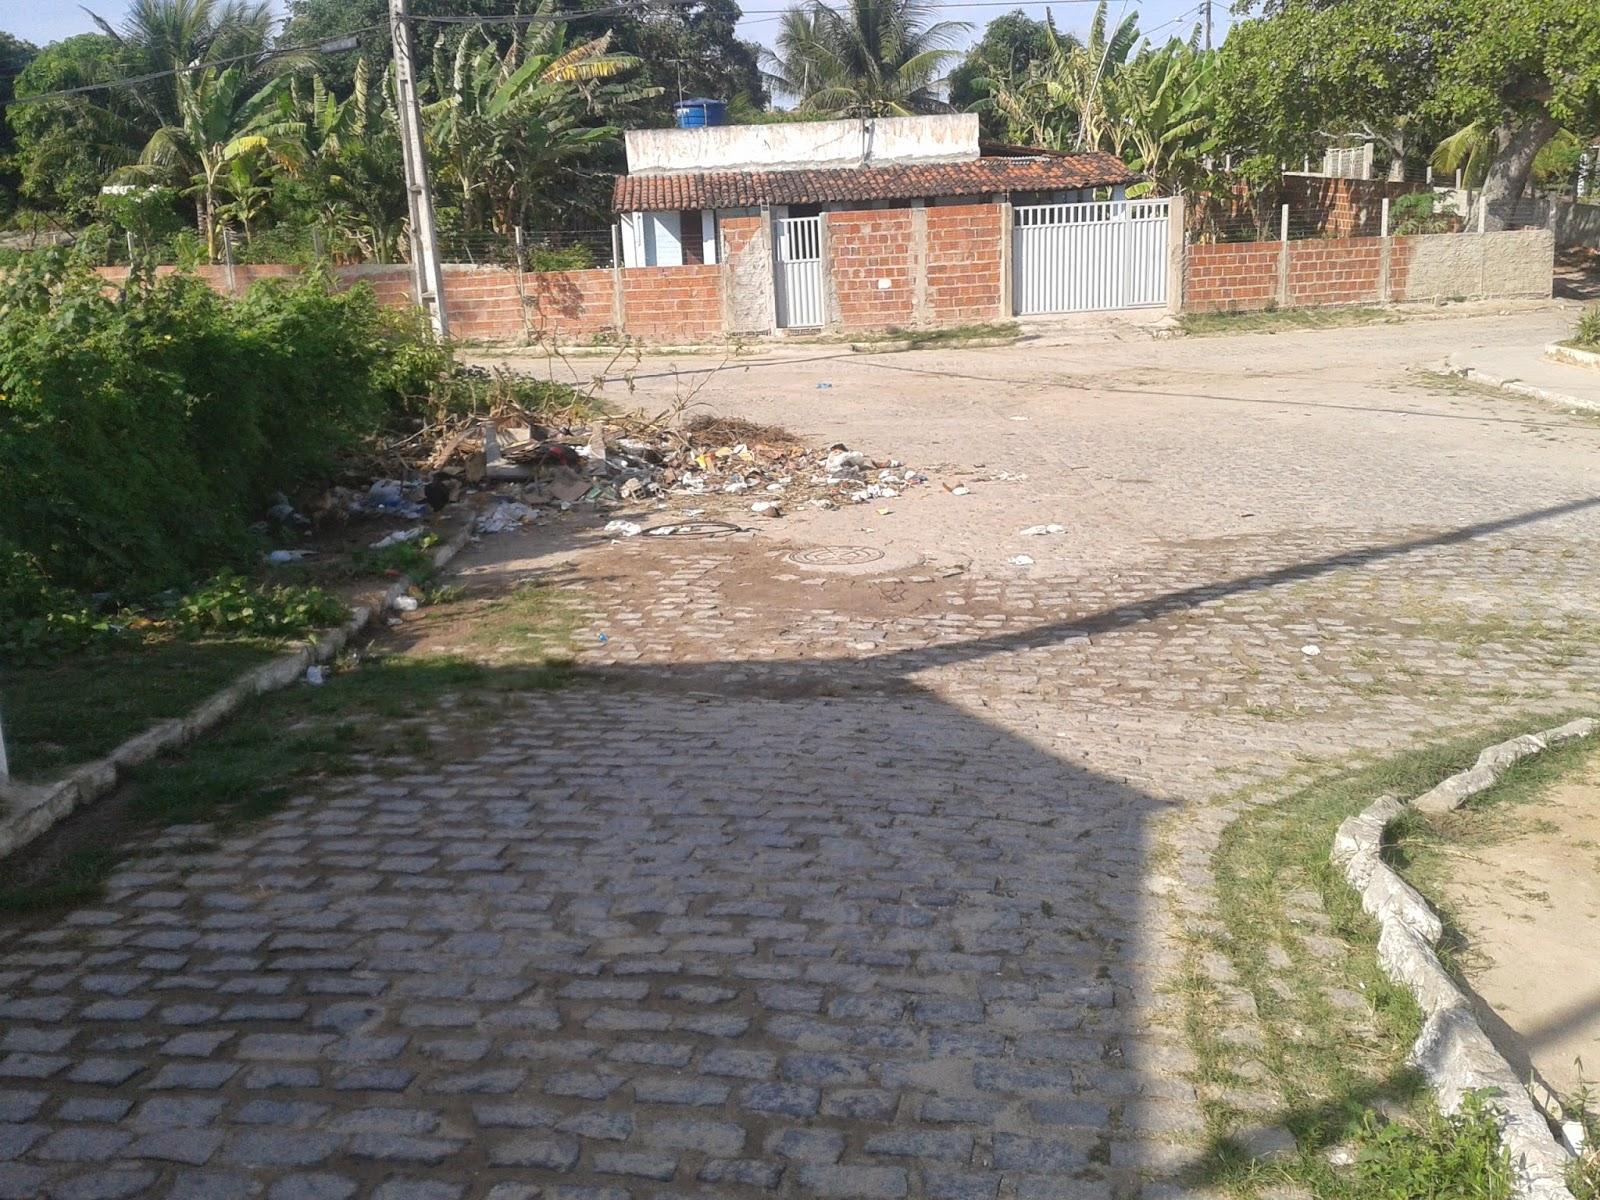 Resultado de imagem para lixo bairro campinas macaiba